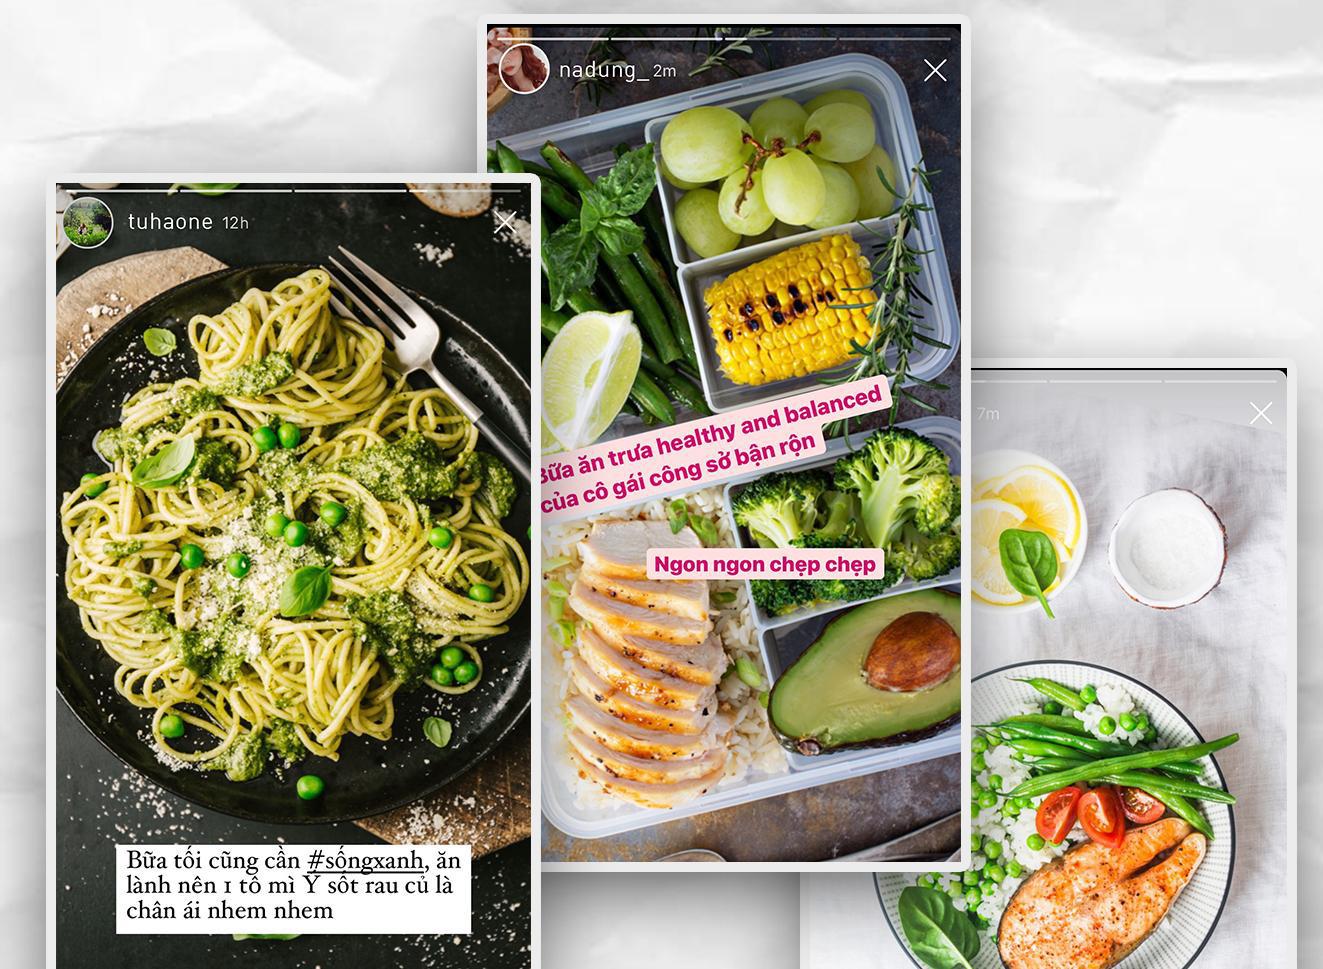 Checklist ăn mì của hội sống xanh: Chua cay chưa đủ mà phải có thêm thành phần này! - Ảnh 1.